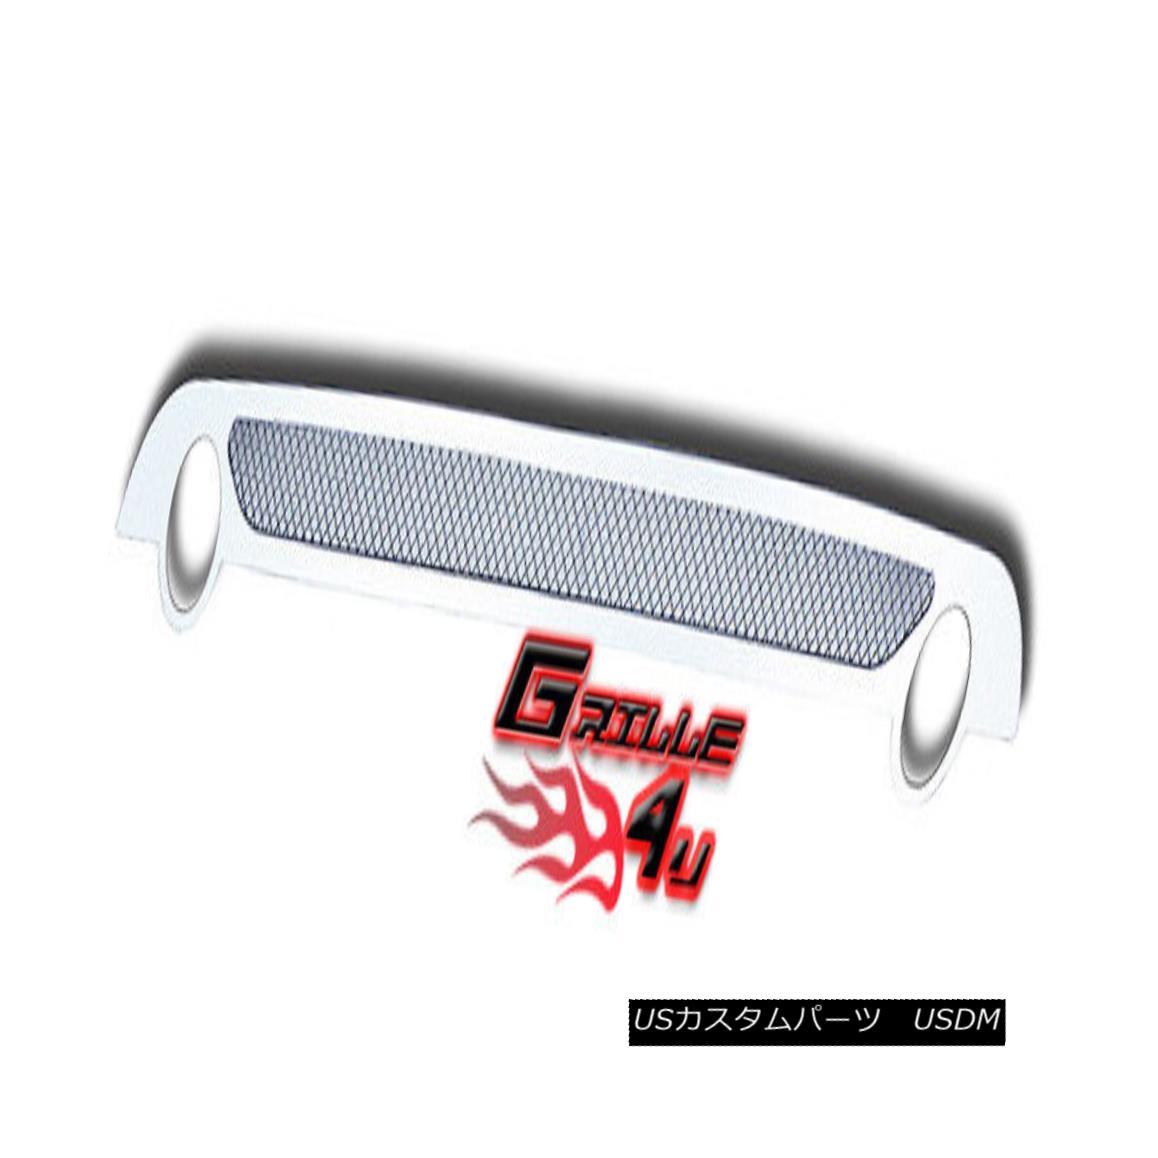 グリル Customized For 07-10 Saab 9-7X Bumper Stainless Mesh Premium Grille Insert 07-10 Saab 9-7Xバンパーステンレスメッシュプレミアムグリルインサート用にカスタマイズ